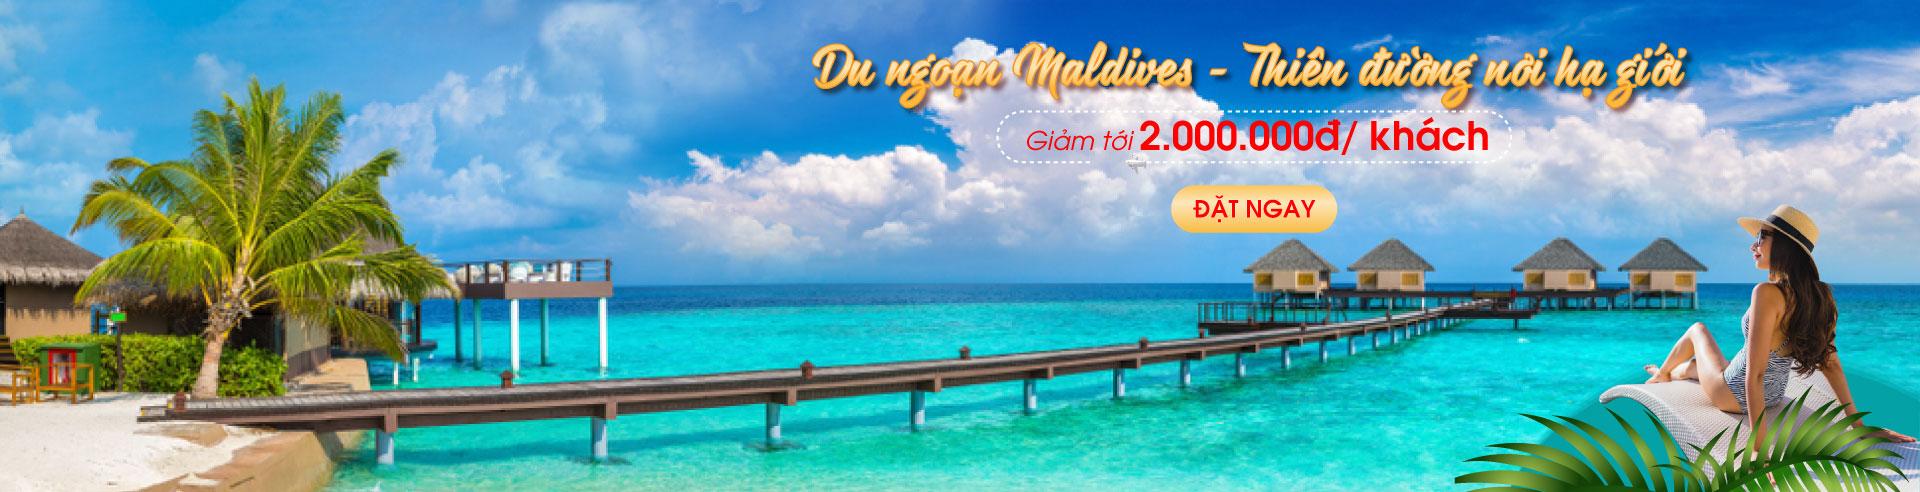 Maldives: Nơi giấc mơ thành hiện thực